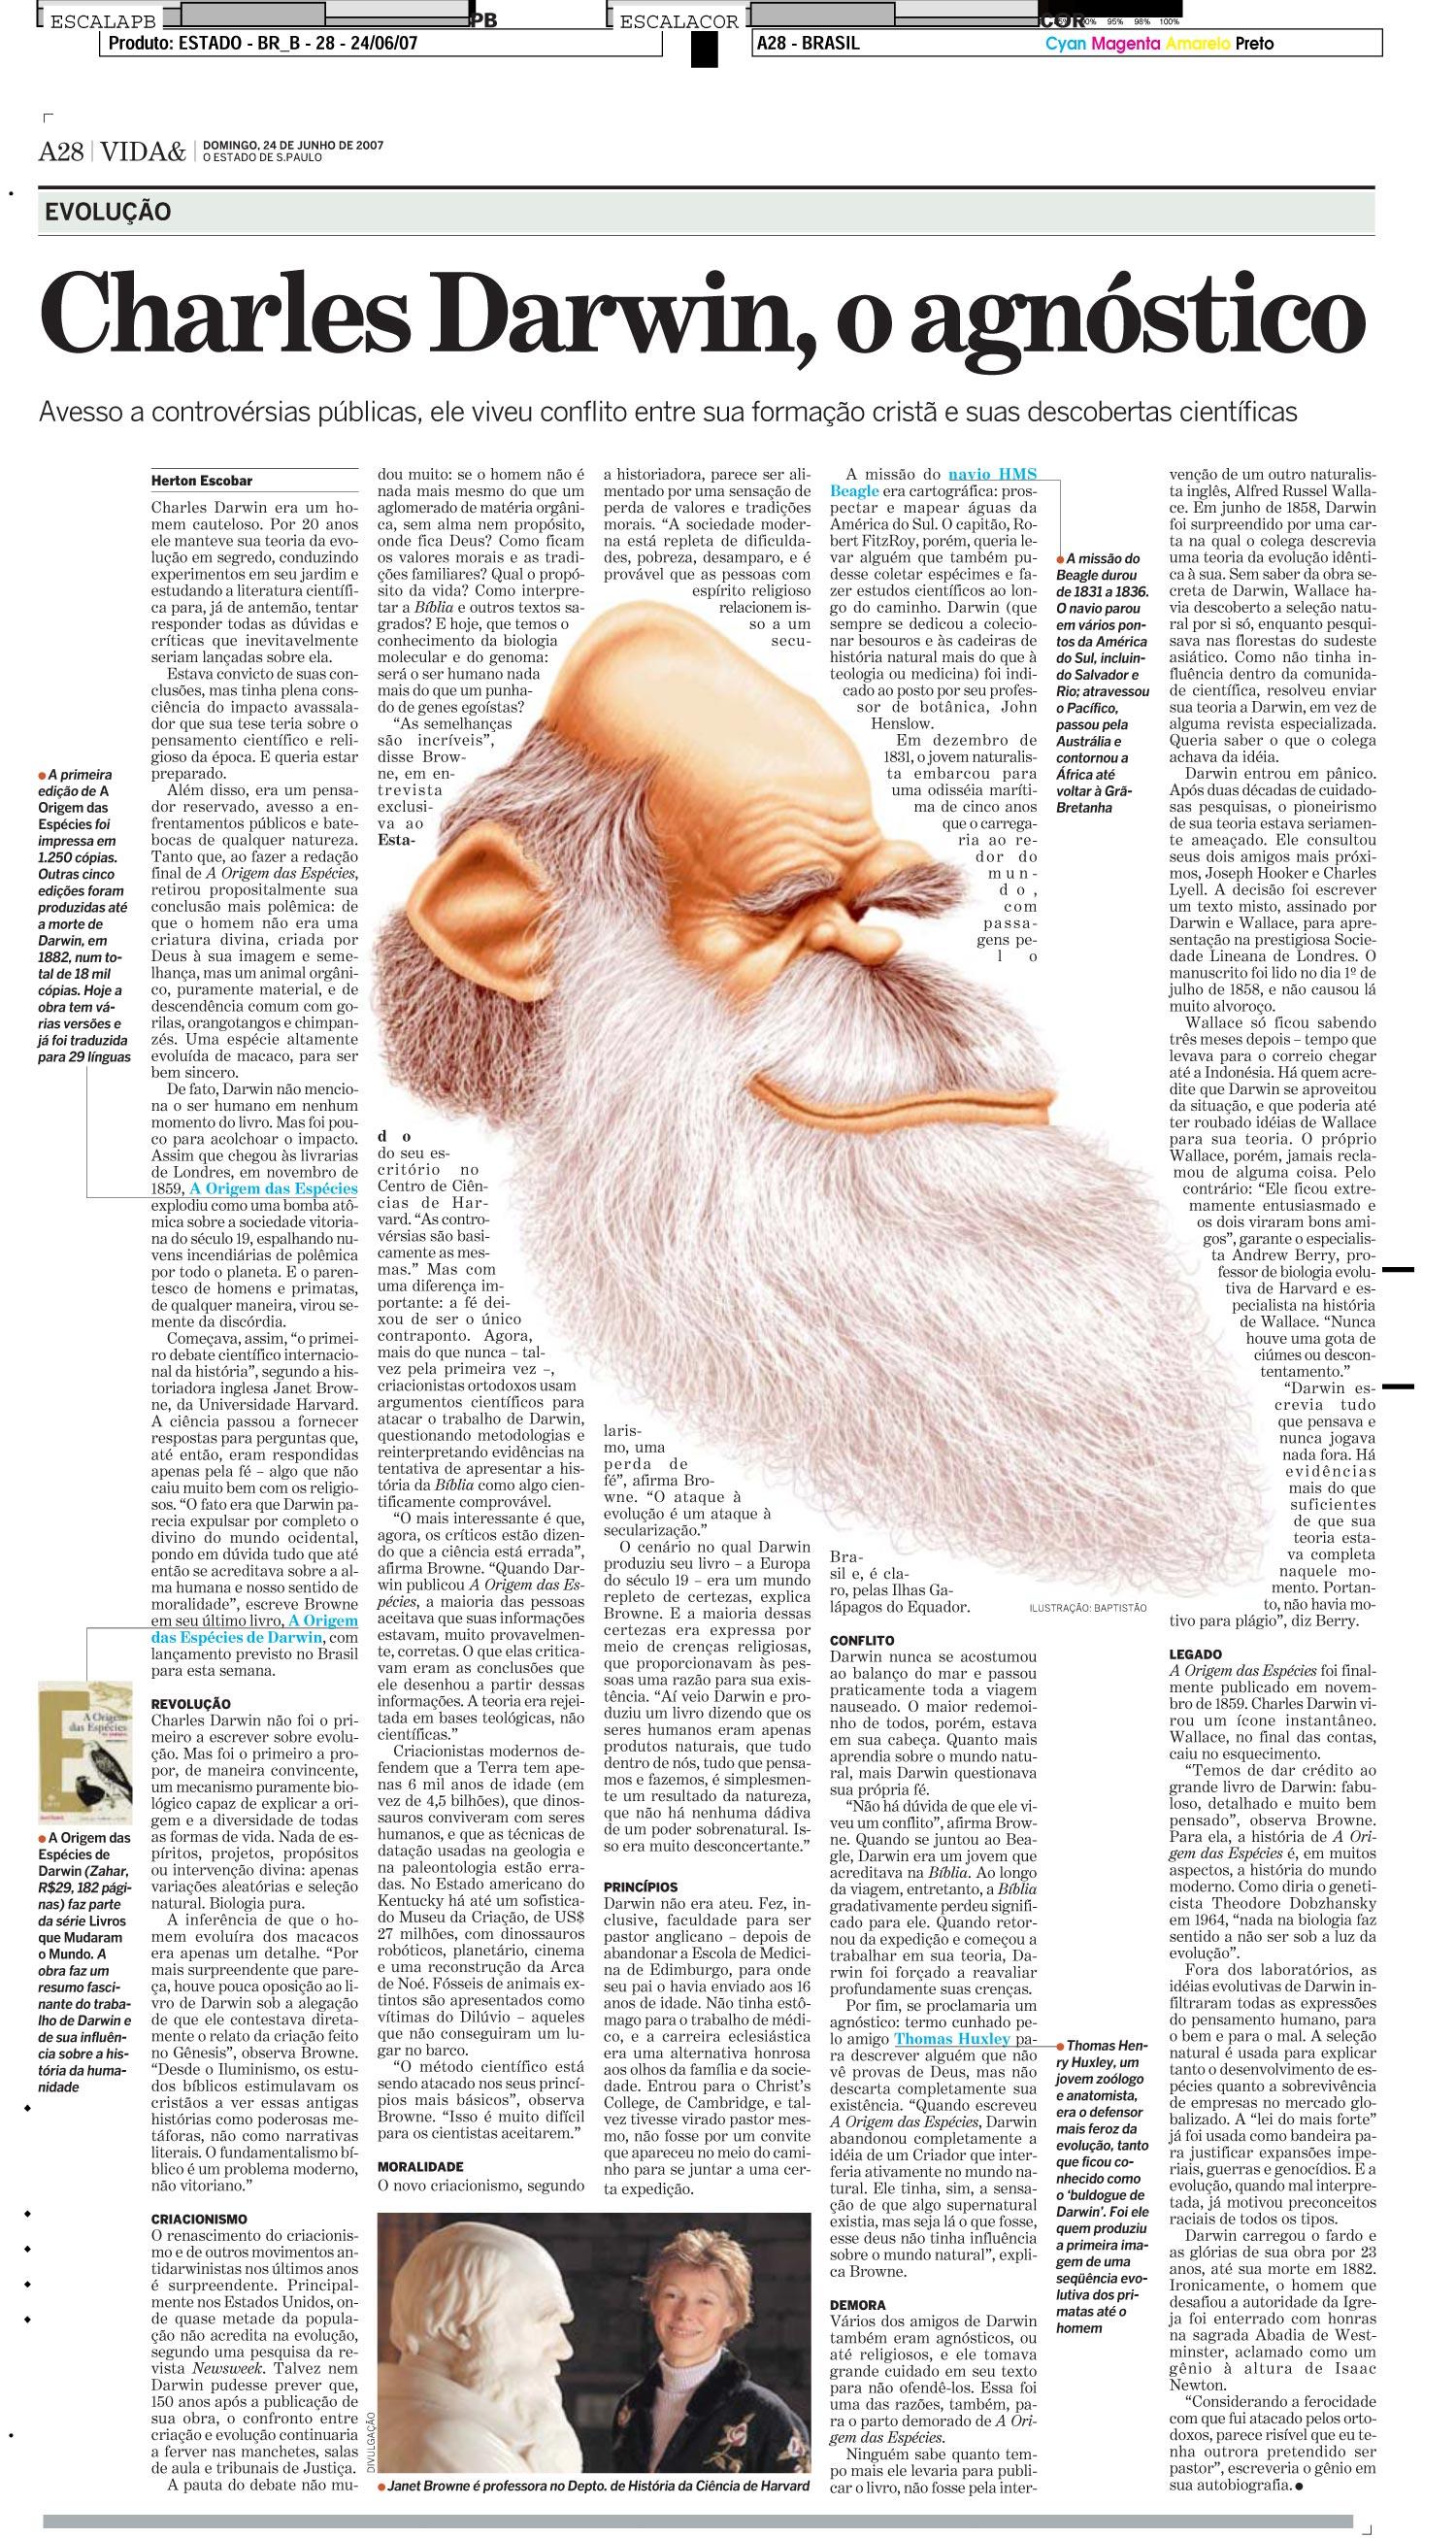 Charles Darwin, o agnóstico